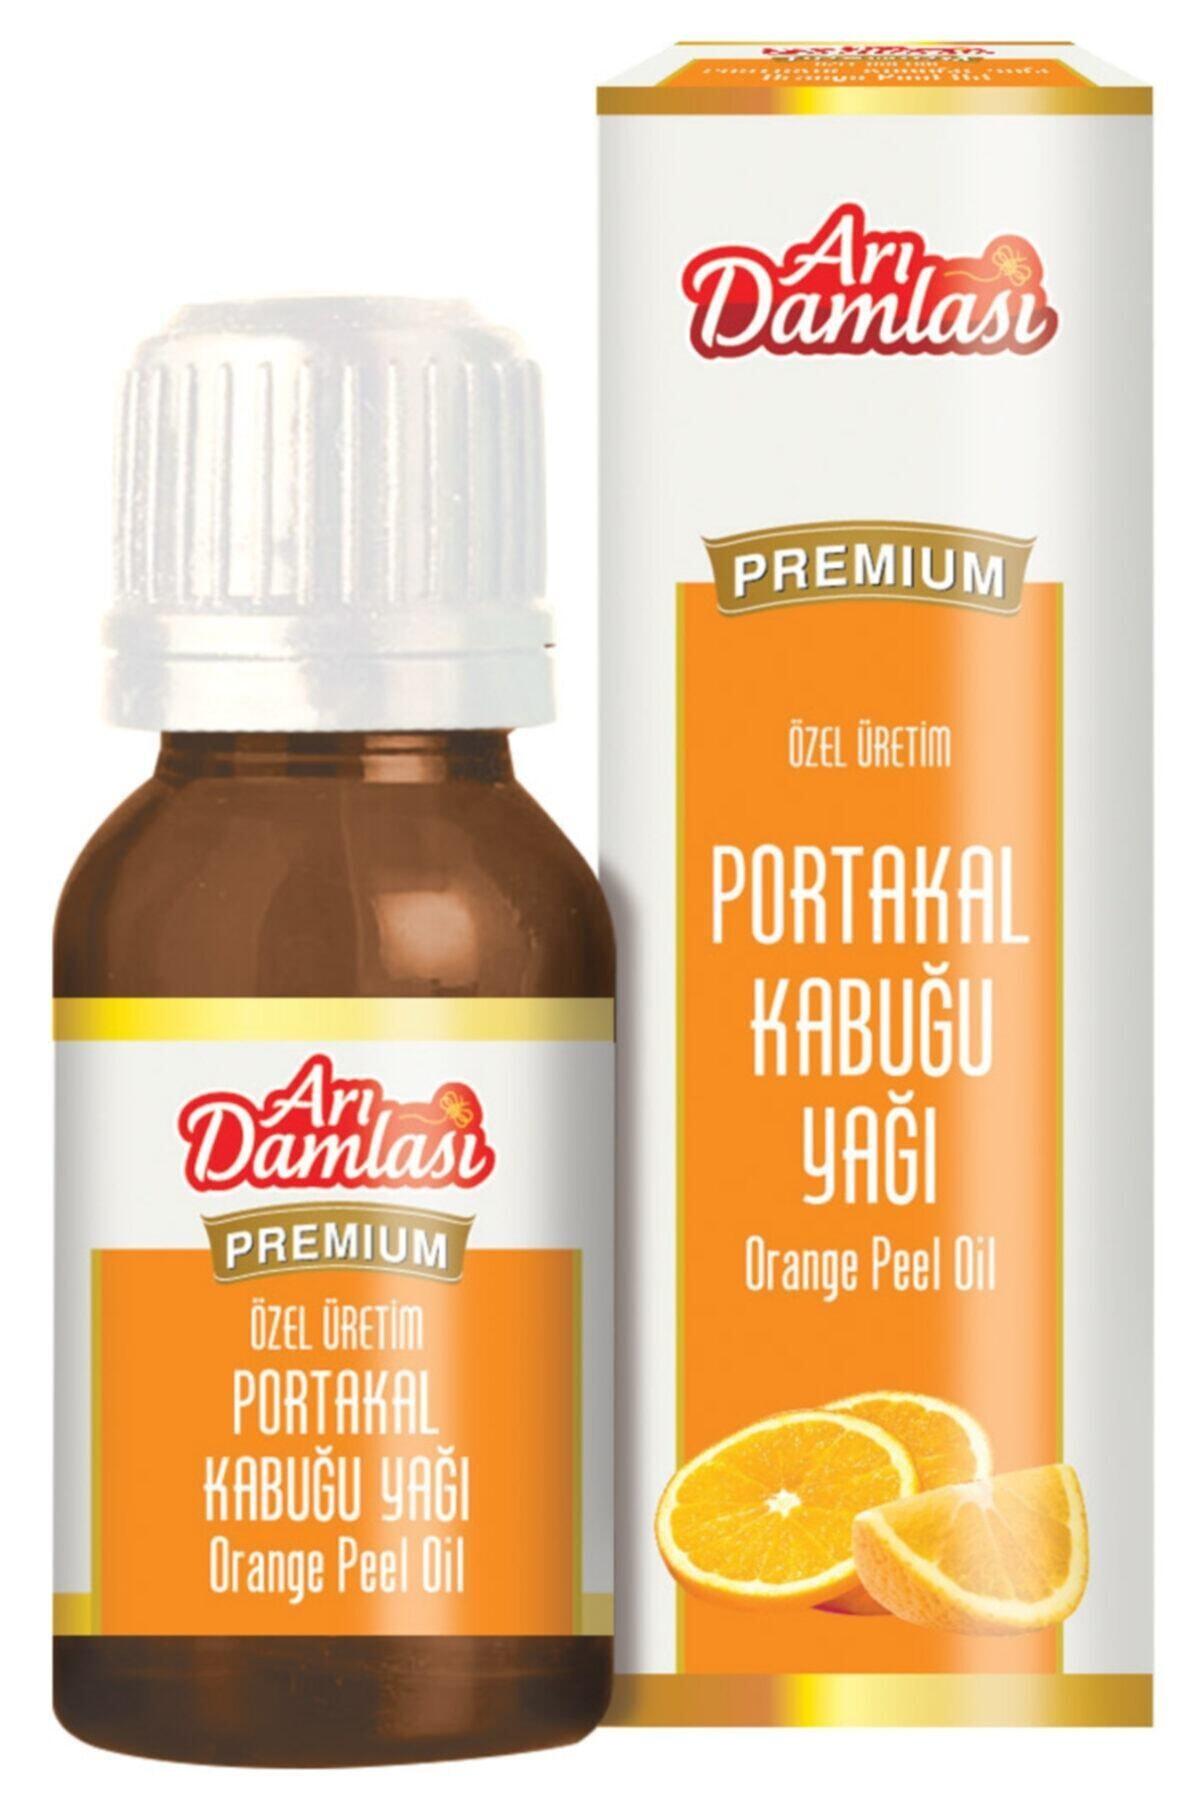 Arı damlası Portakal Kabuğu Yağı 20 ml